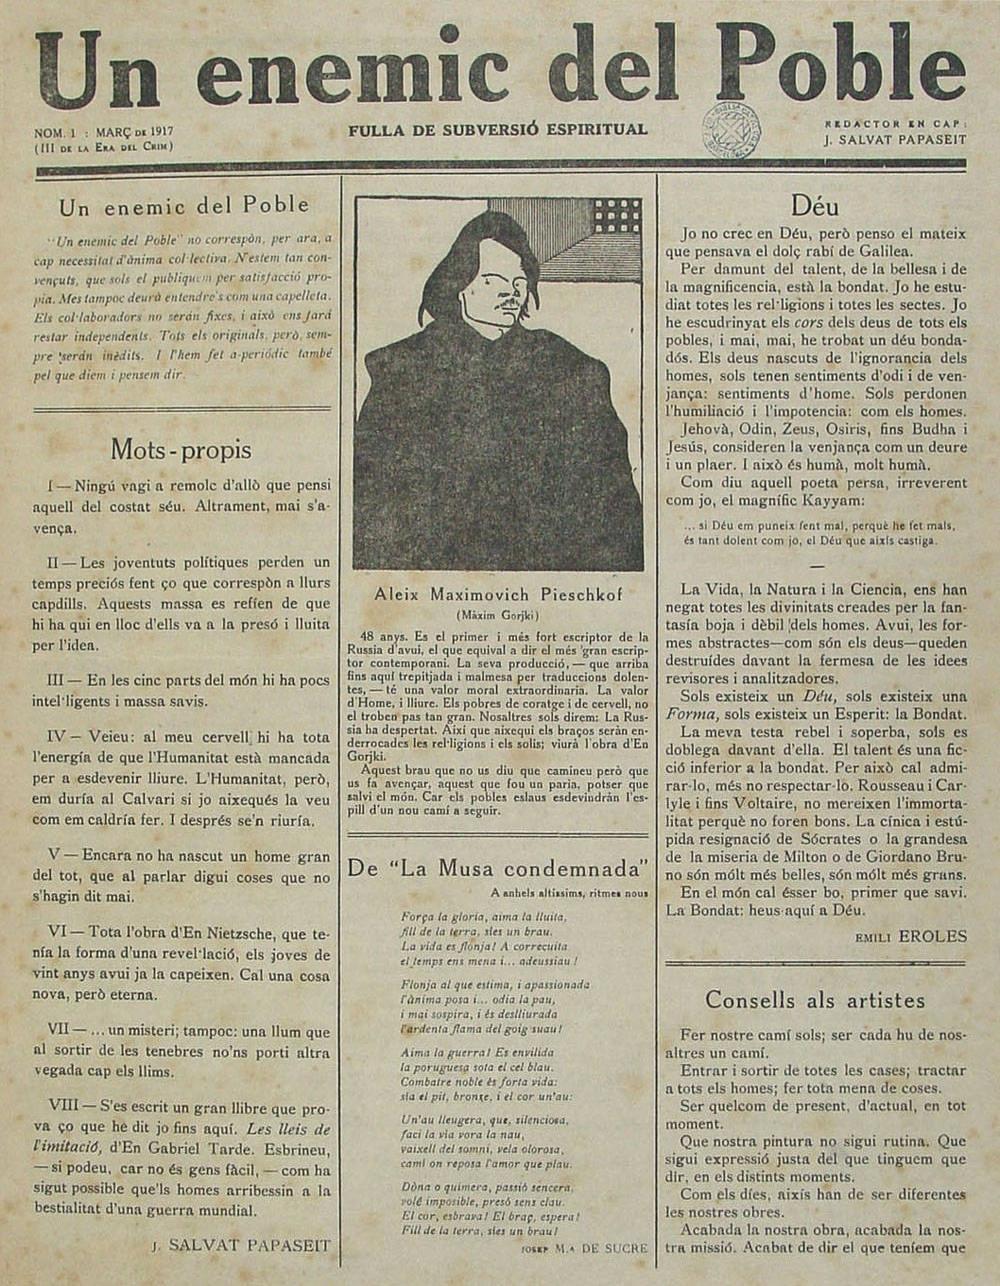 Portada del primer número de la publicación Un enemic del poble (marzo de 1917).